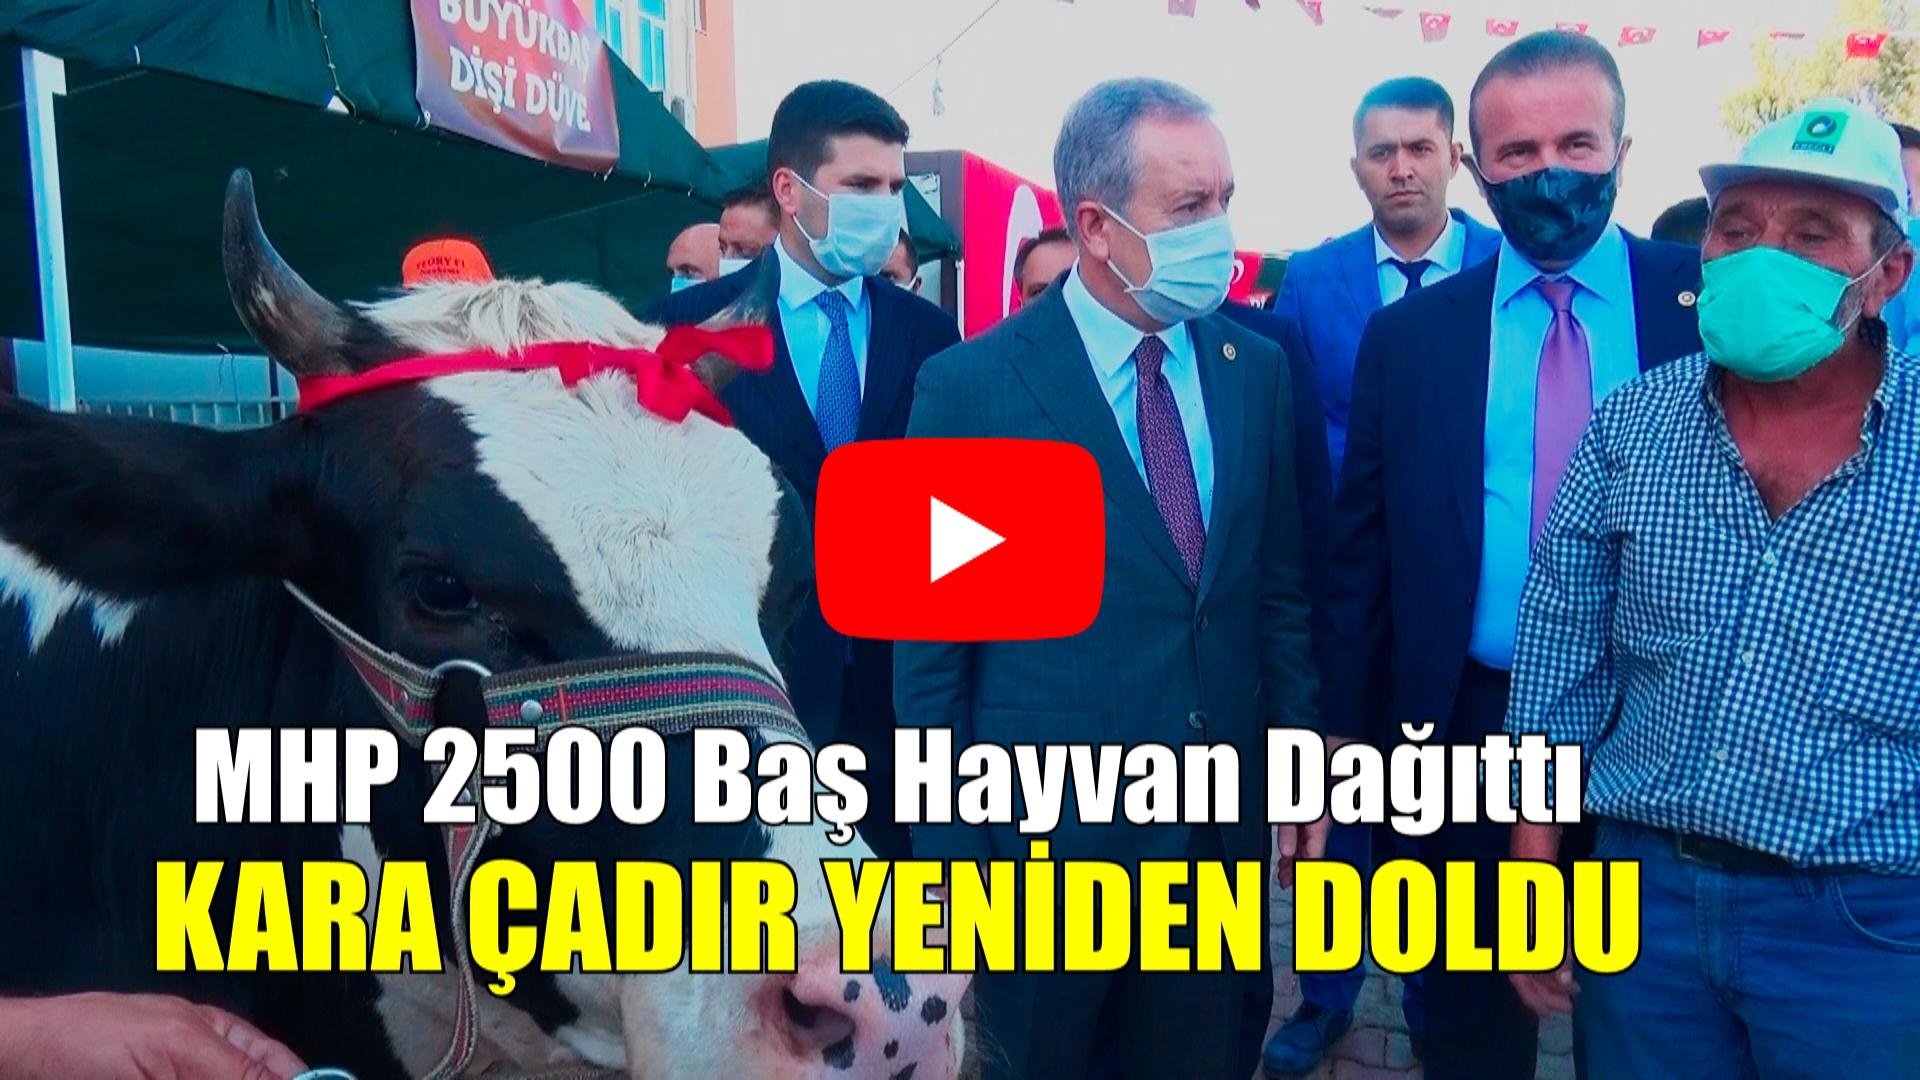 MHP Kara Çadırı Yeniden Doldurdu !